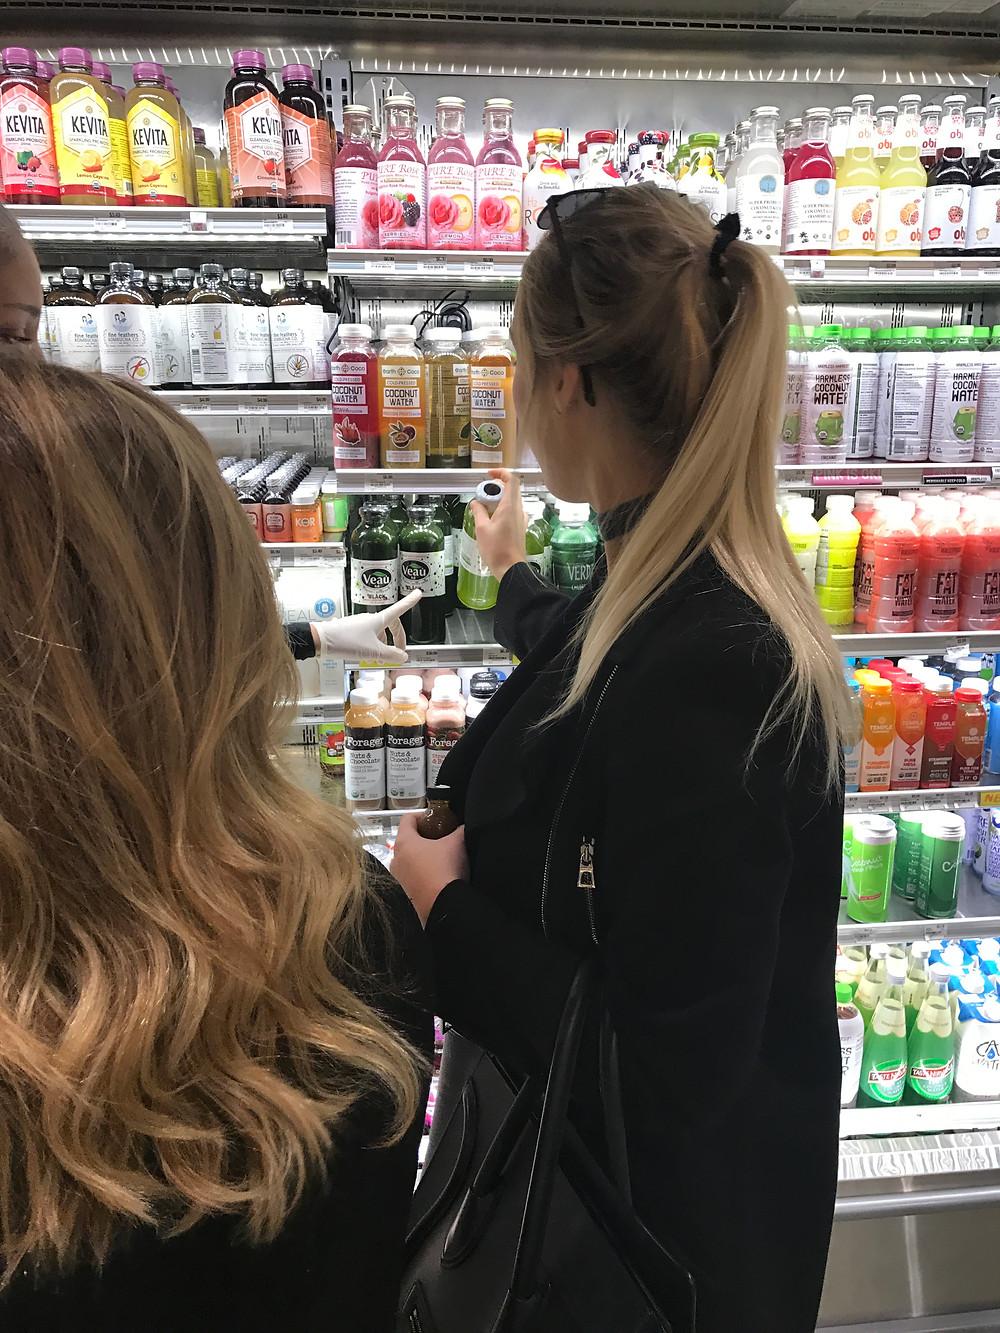 Erewhon Store Customers Buying Veau Water